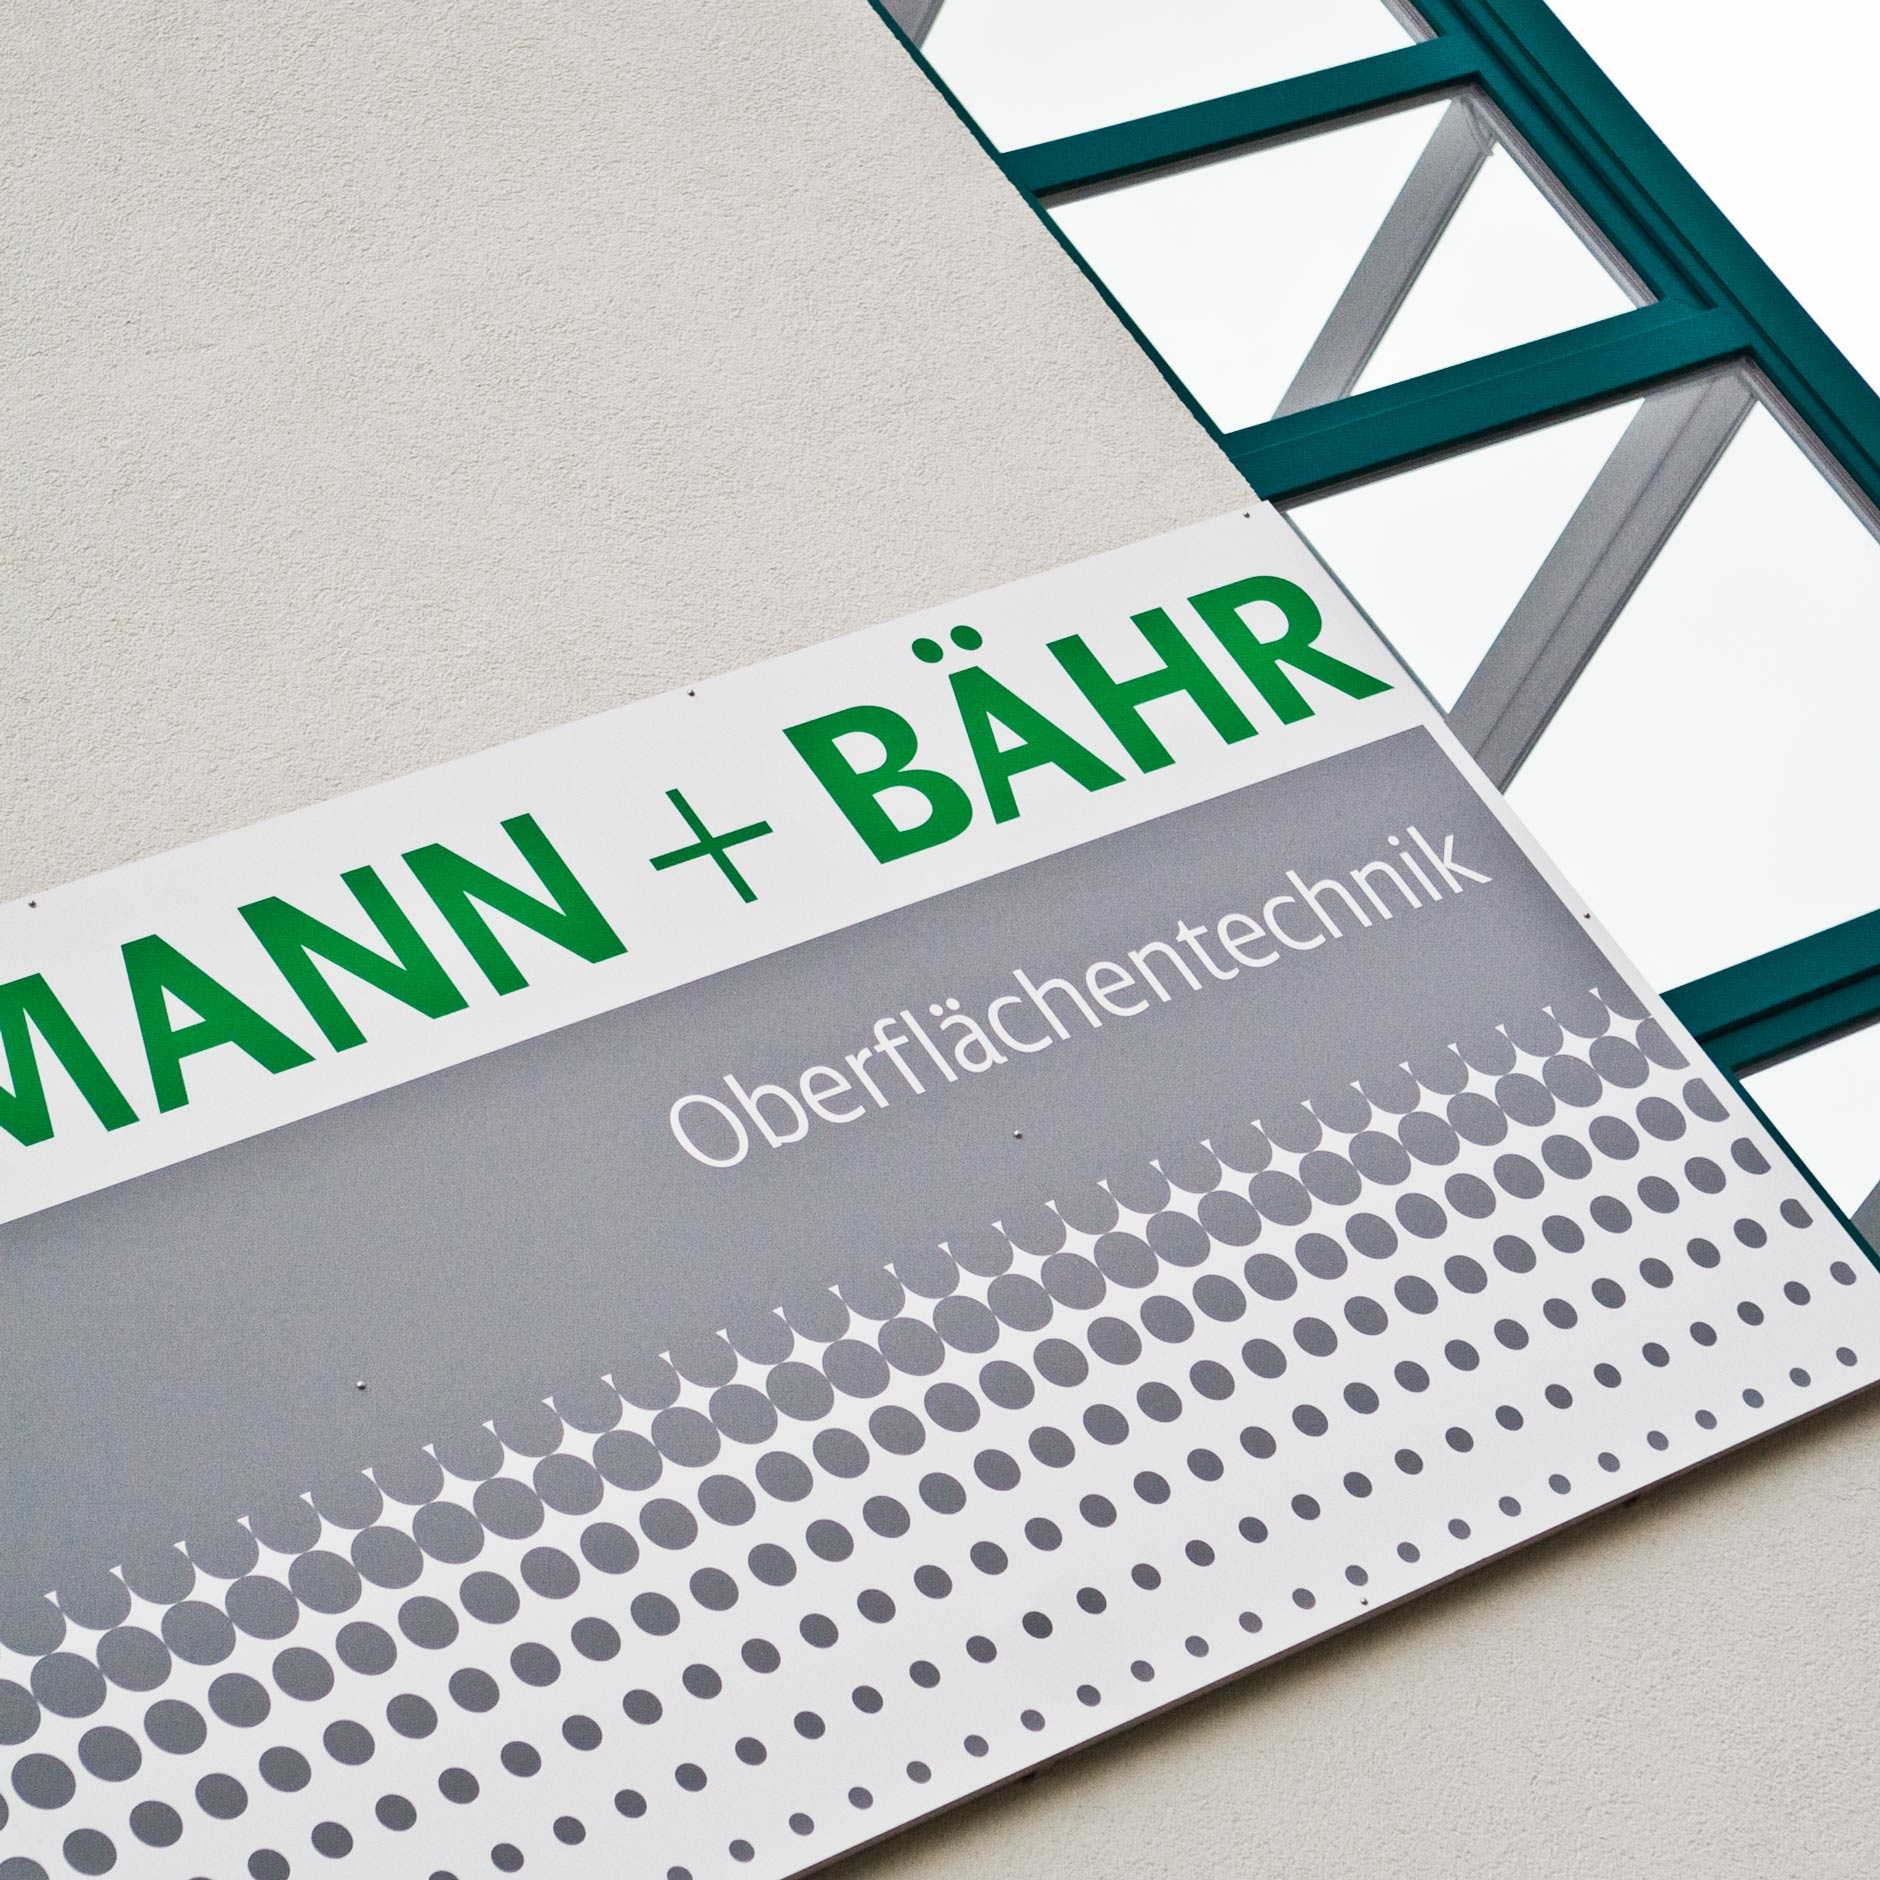 Eisemann Werbeschild 02-Firmenschild EISEMANN+BÄHR